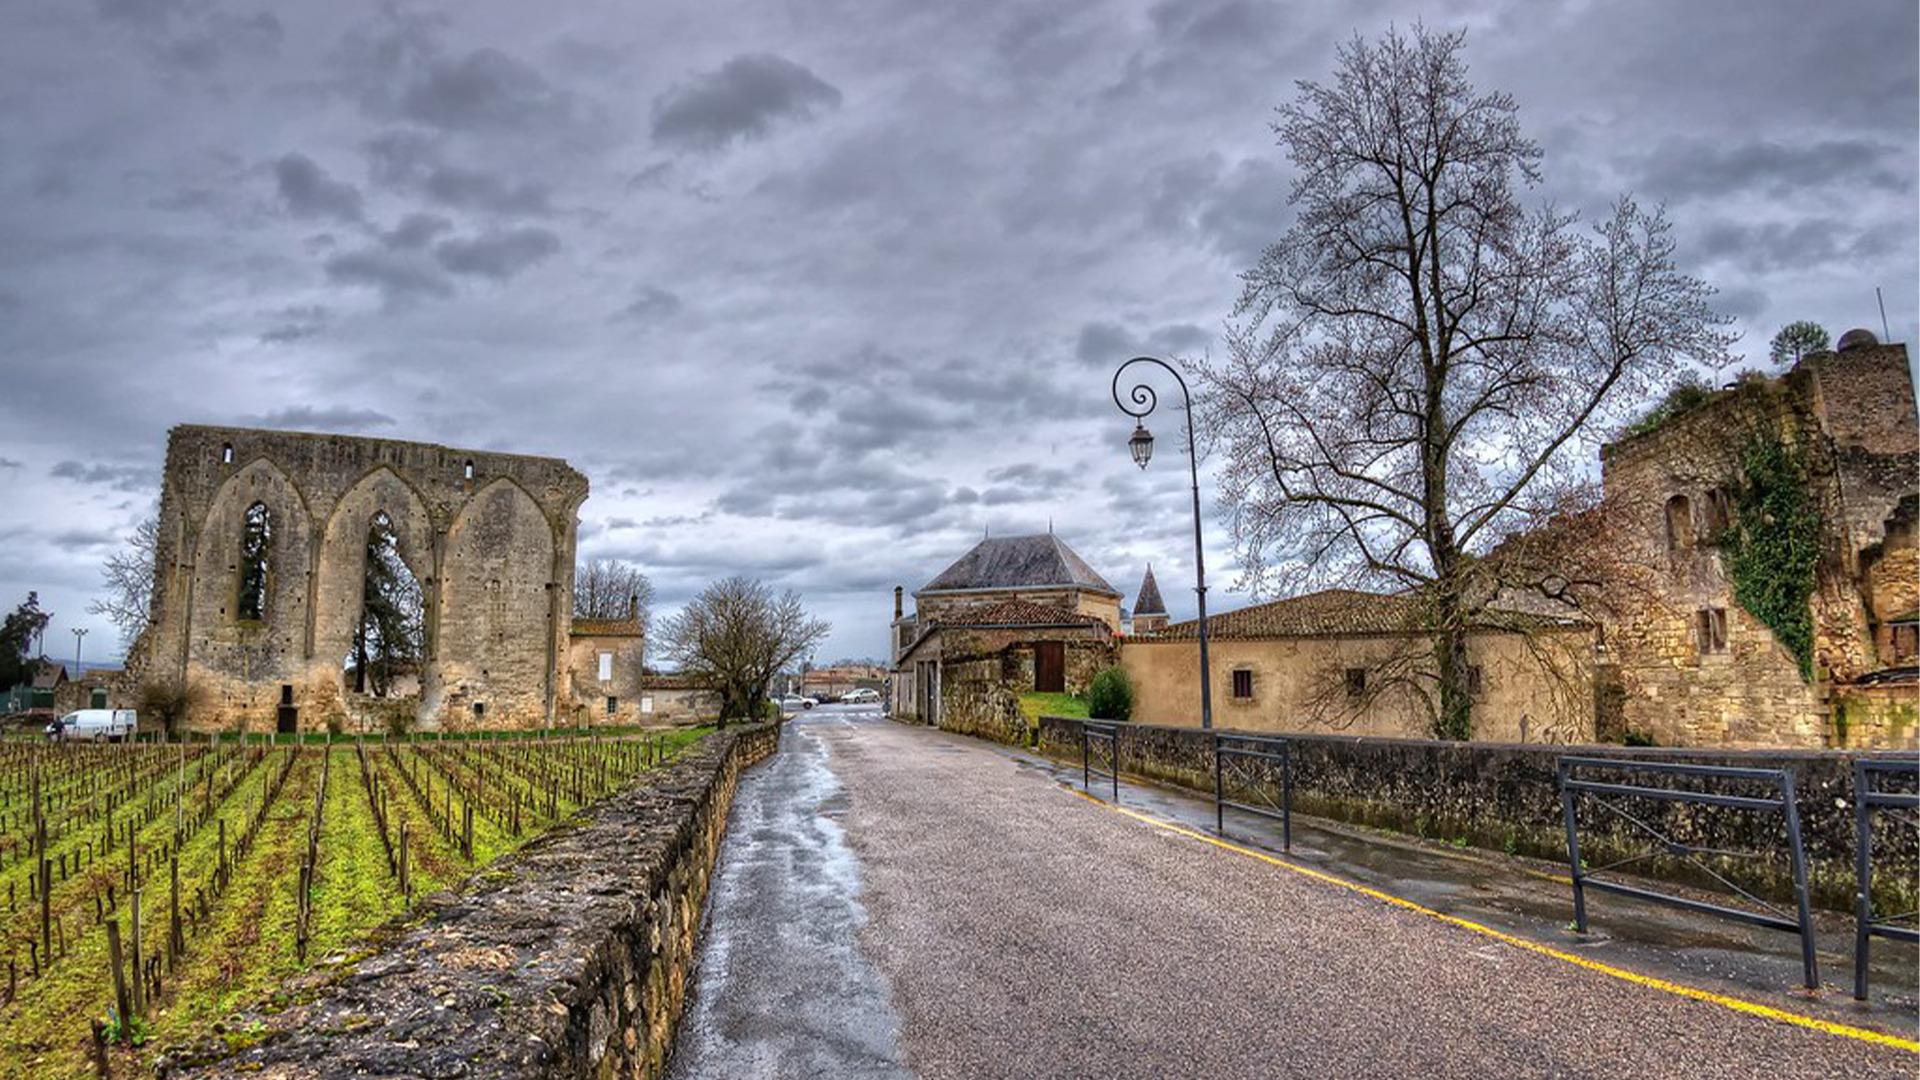 Rượu Vang Chateau Les Grandes Murailles